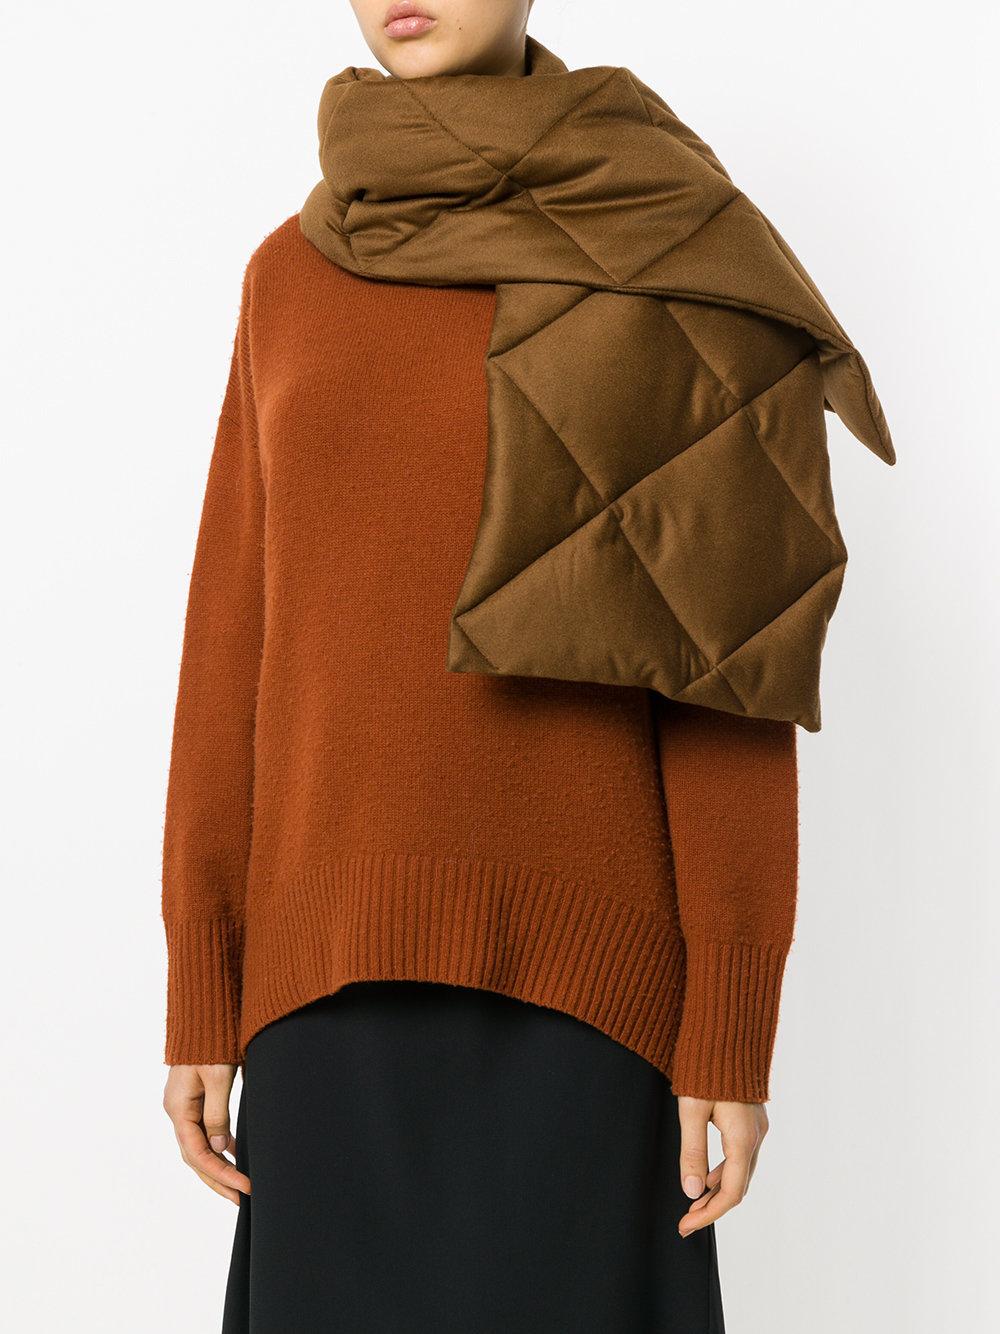 Стеганый шарф своими руками: 2 мастер-класса